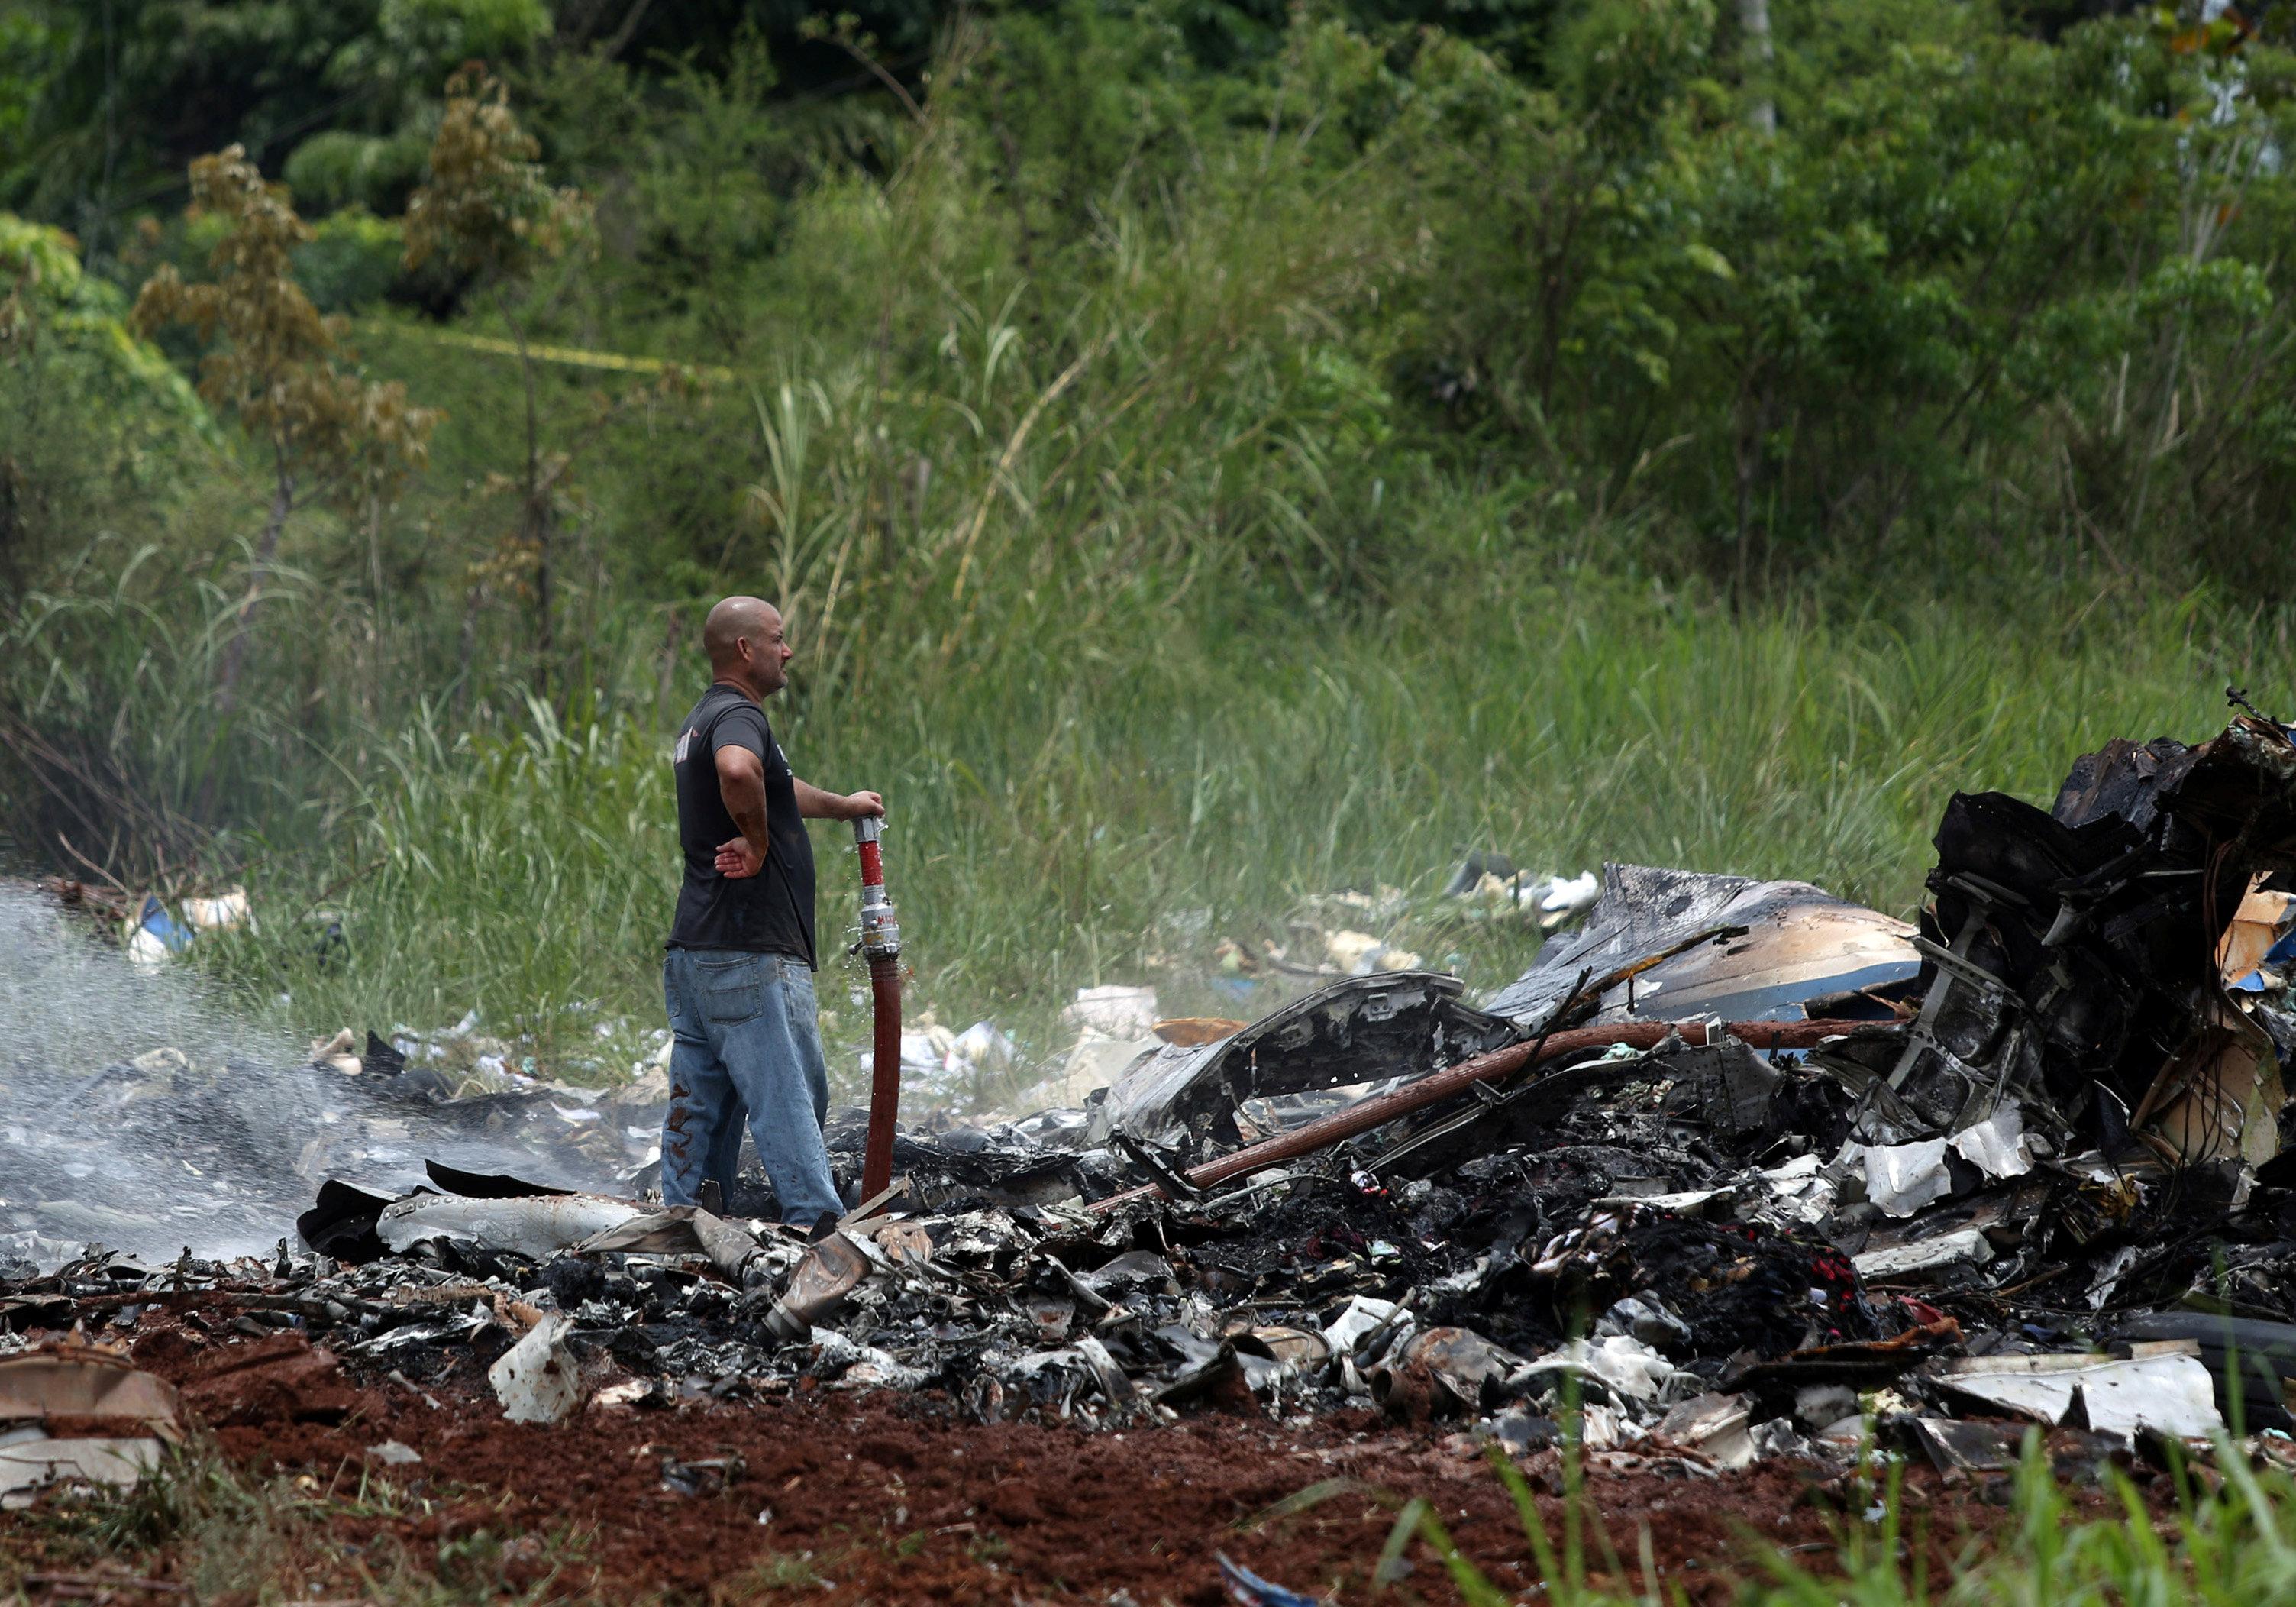 На Кубе самолет Boeing 737 мог потерпеть крушение из-за  технического сбоя, считает бортинженер